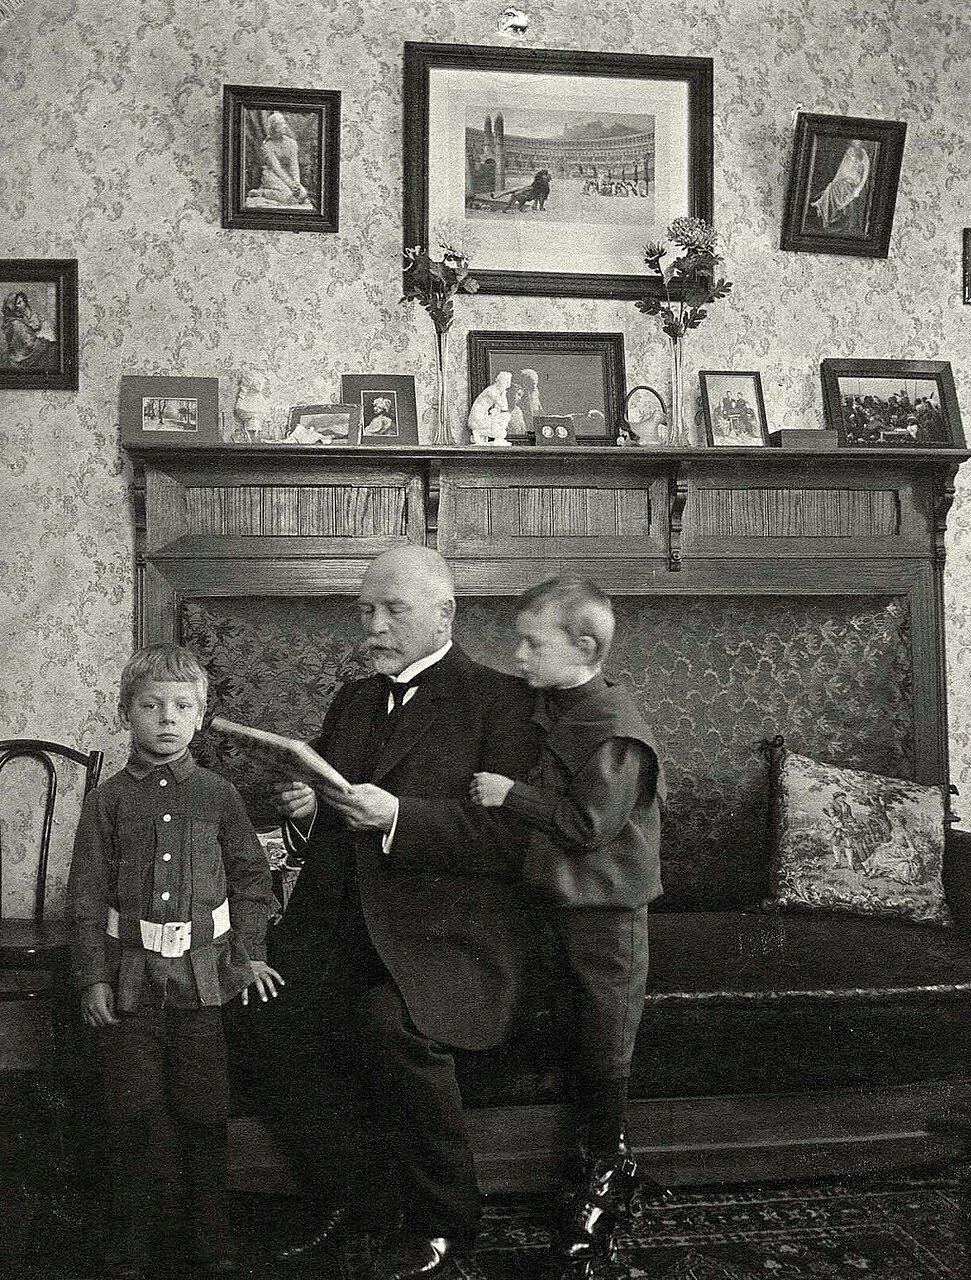 Фрагмент гостиной в доме золотопромышленника Саввиных Андрея Андреевича